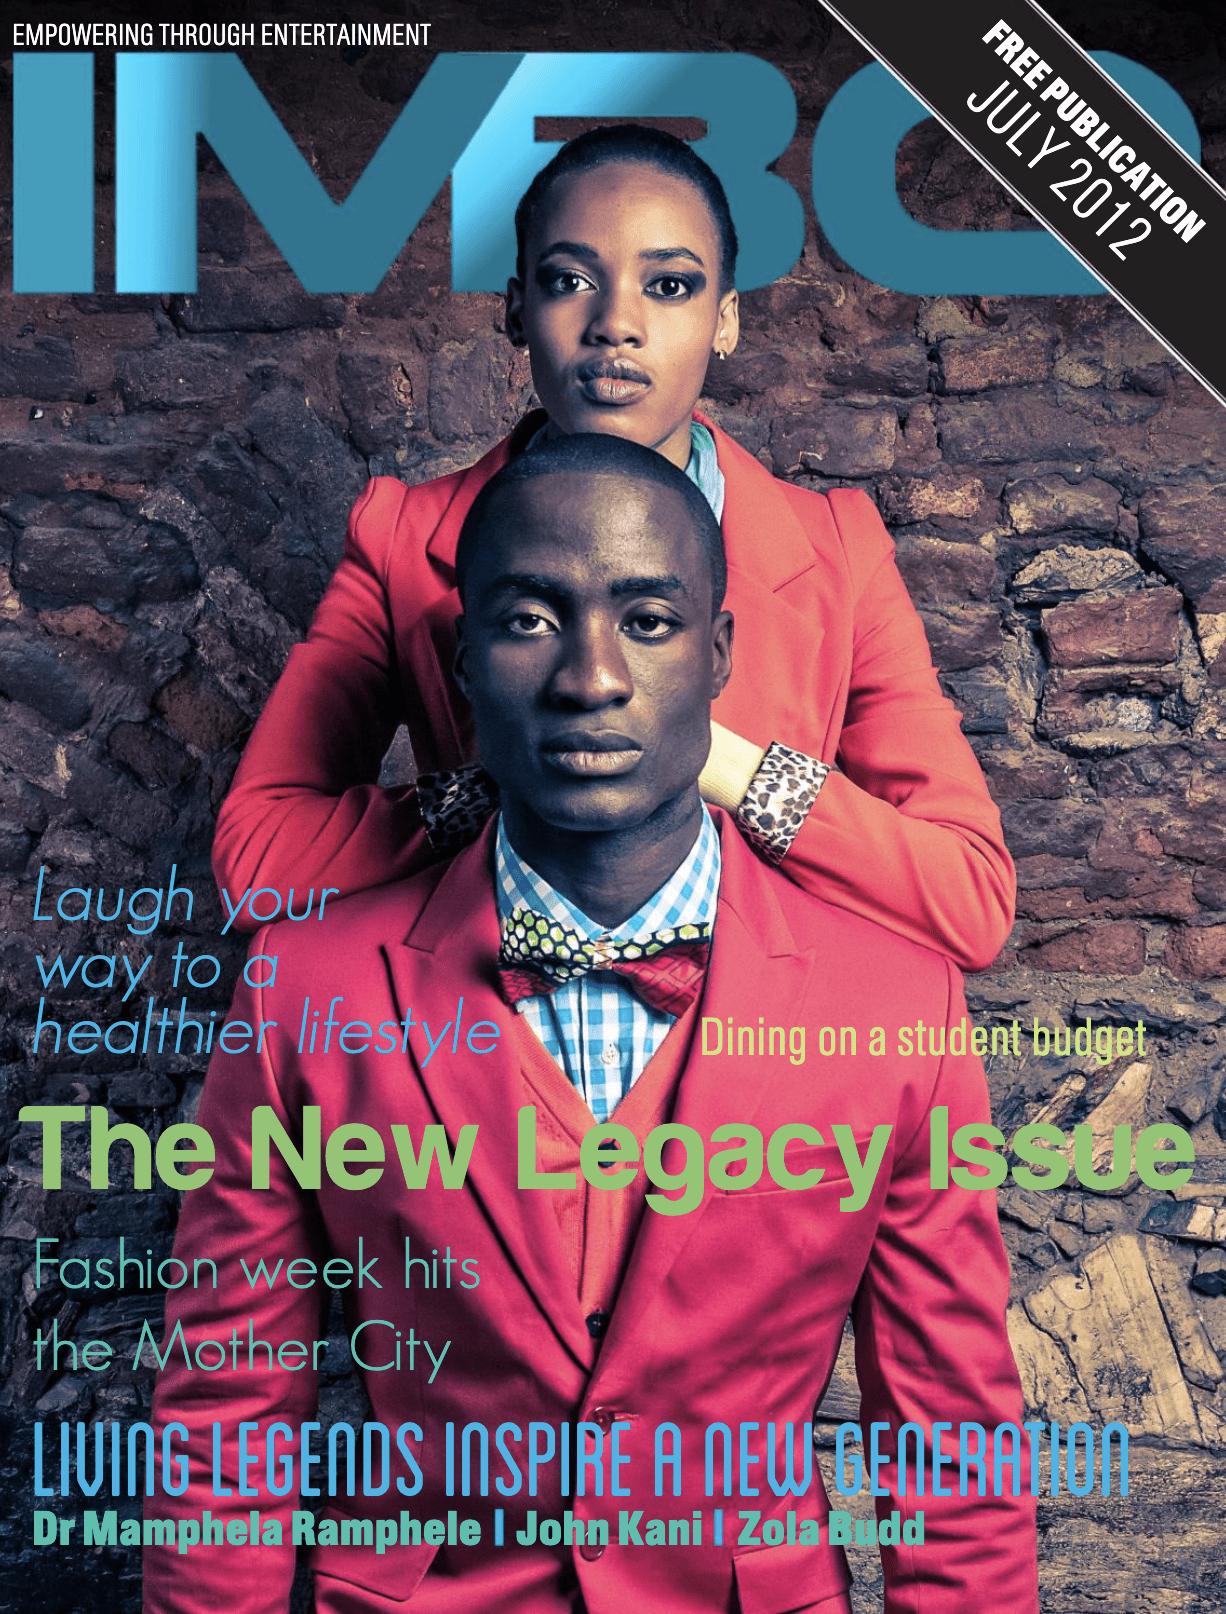 Imbo Magazine Cover